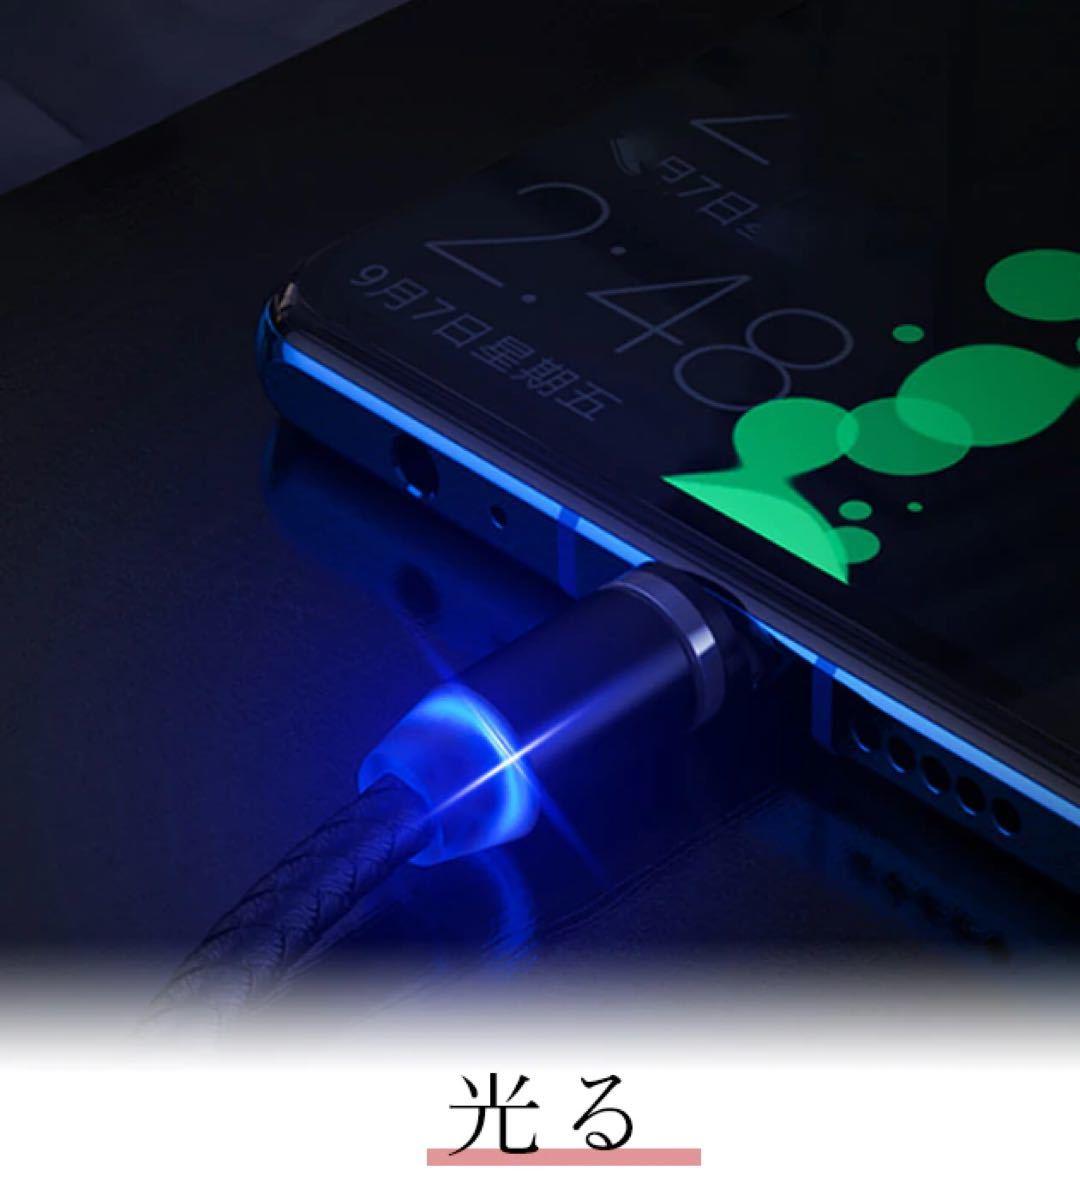 マグネット充電ケーブル1M*3本+端子*6(iPhone *2+Android *2+TYPE-C*2)急速充電 磁石式 ケーブル